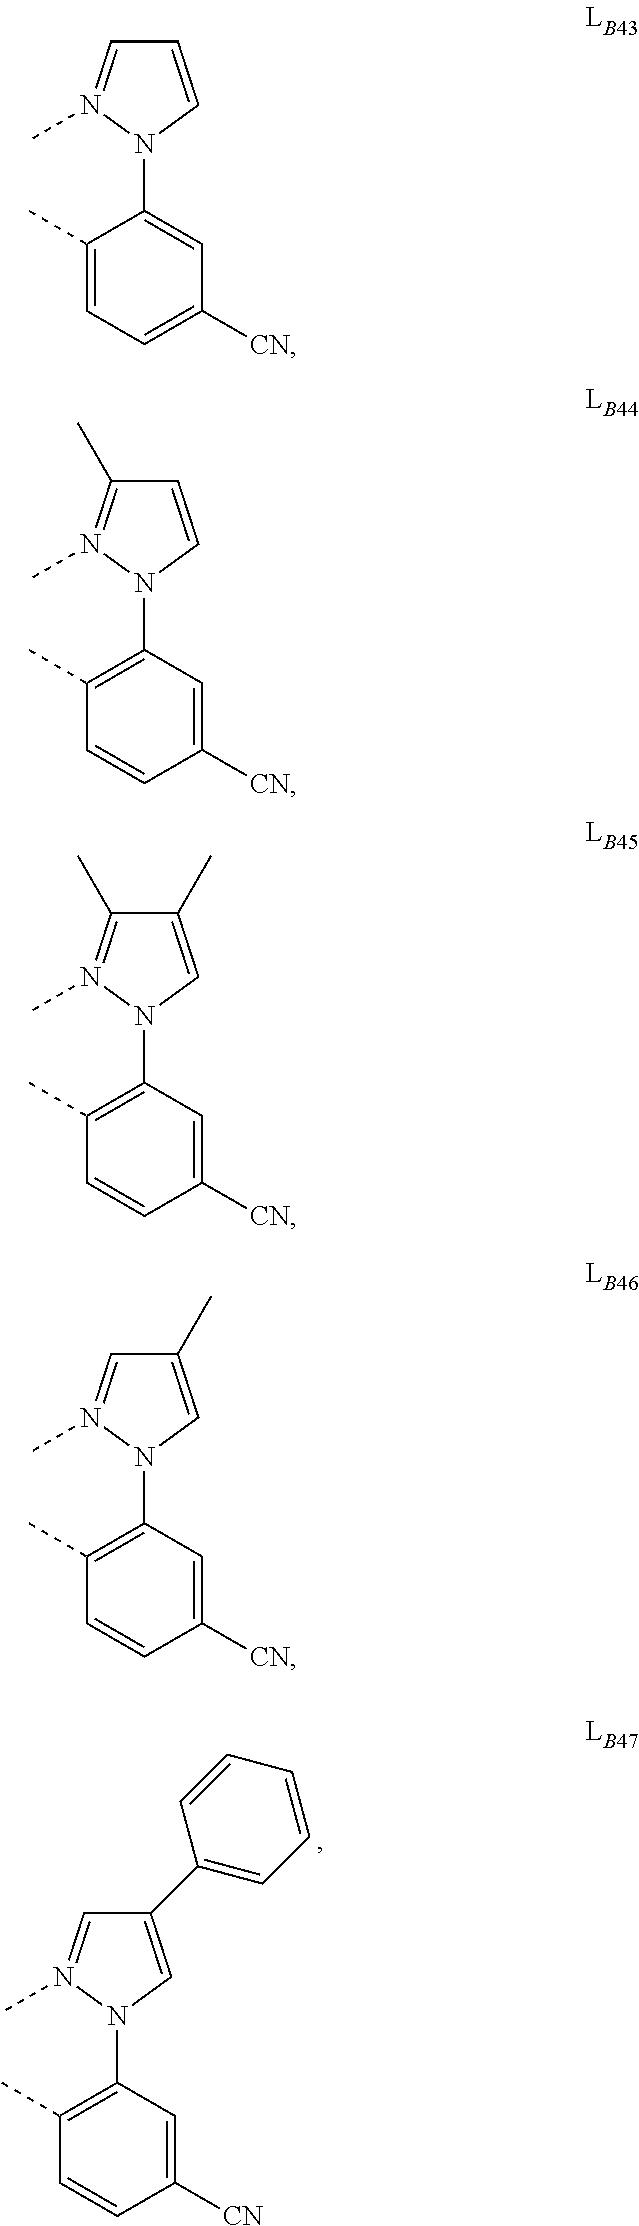 Figure US09905785-20180227-C00507